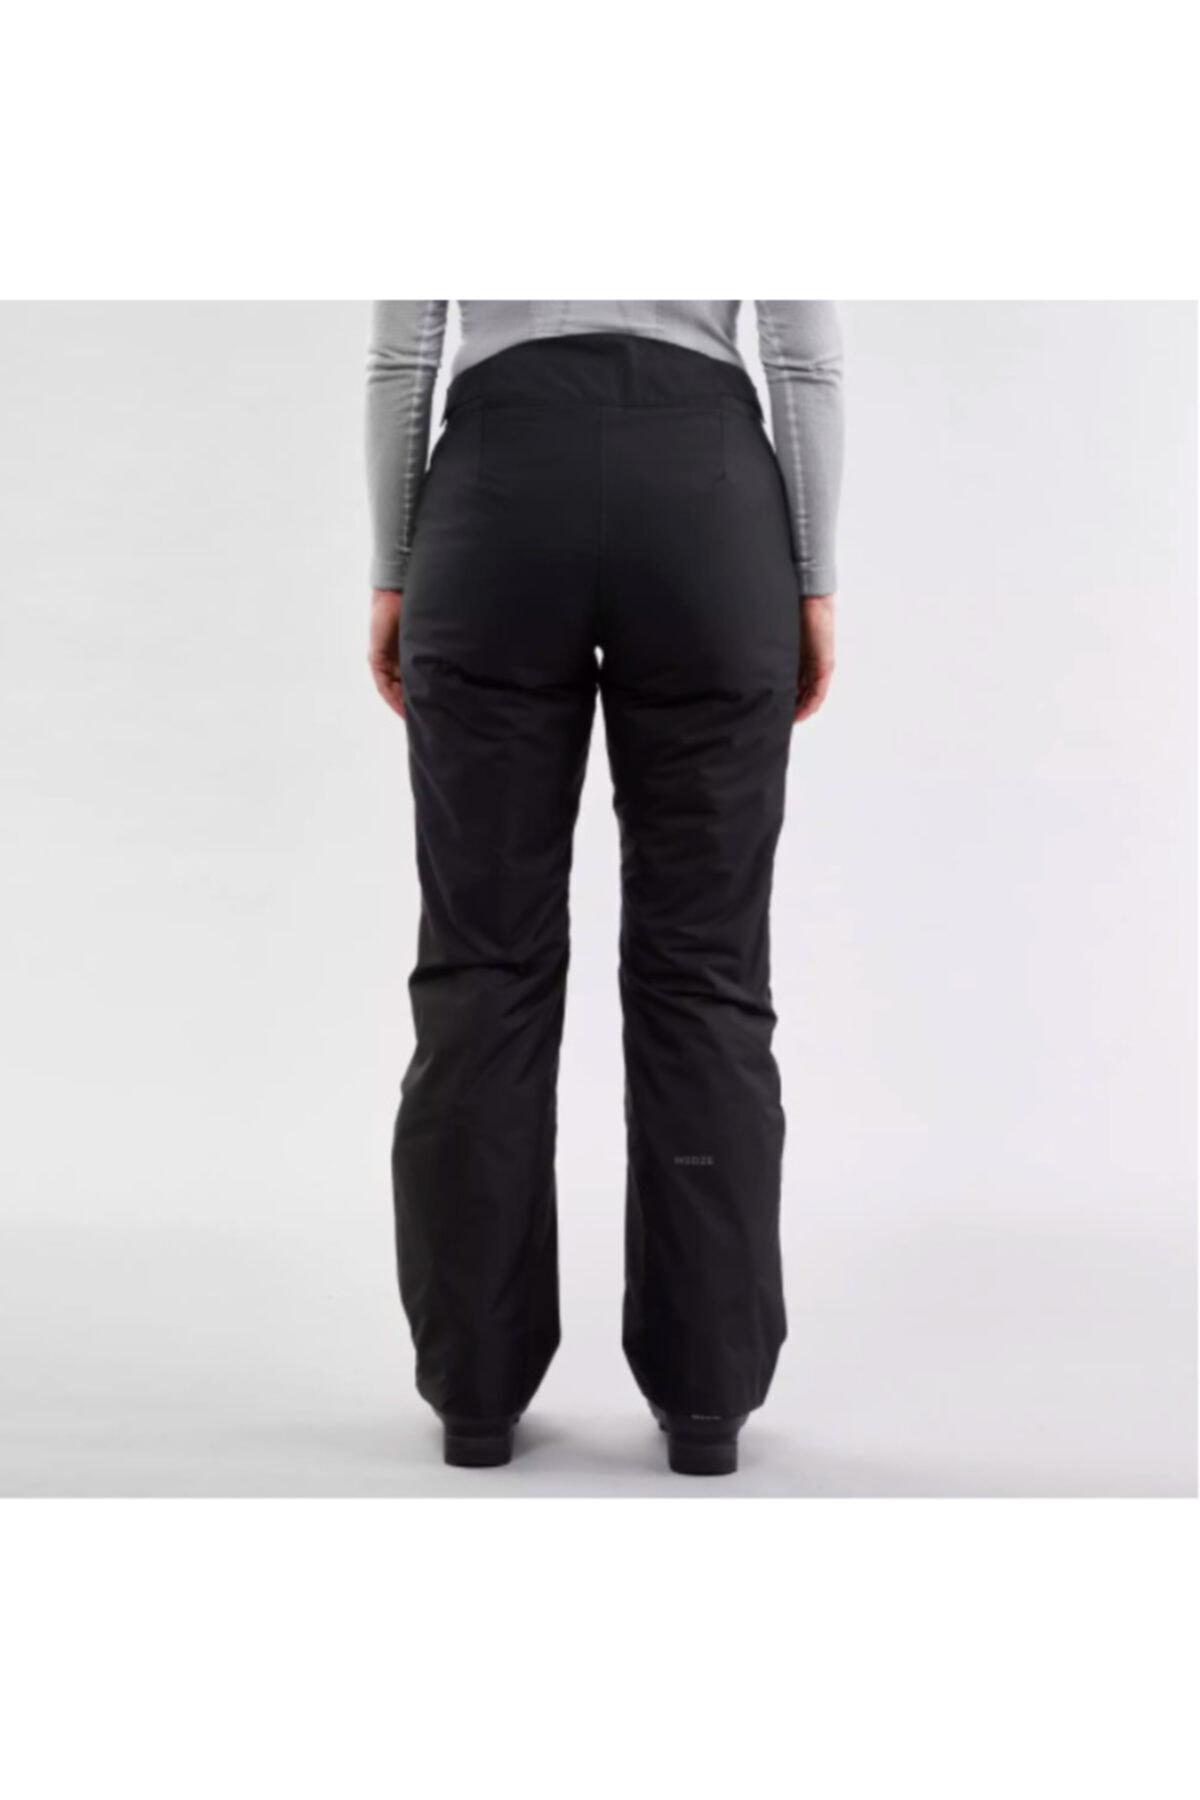 WEDZE Kadın Kayak Pantolonu - Siyah - 180 (26) 2